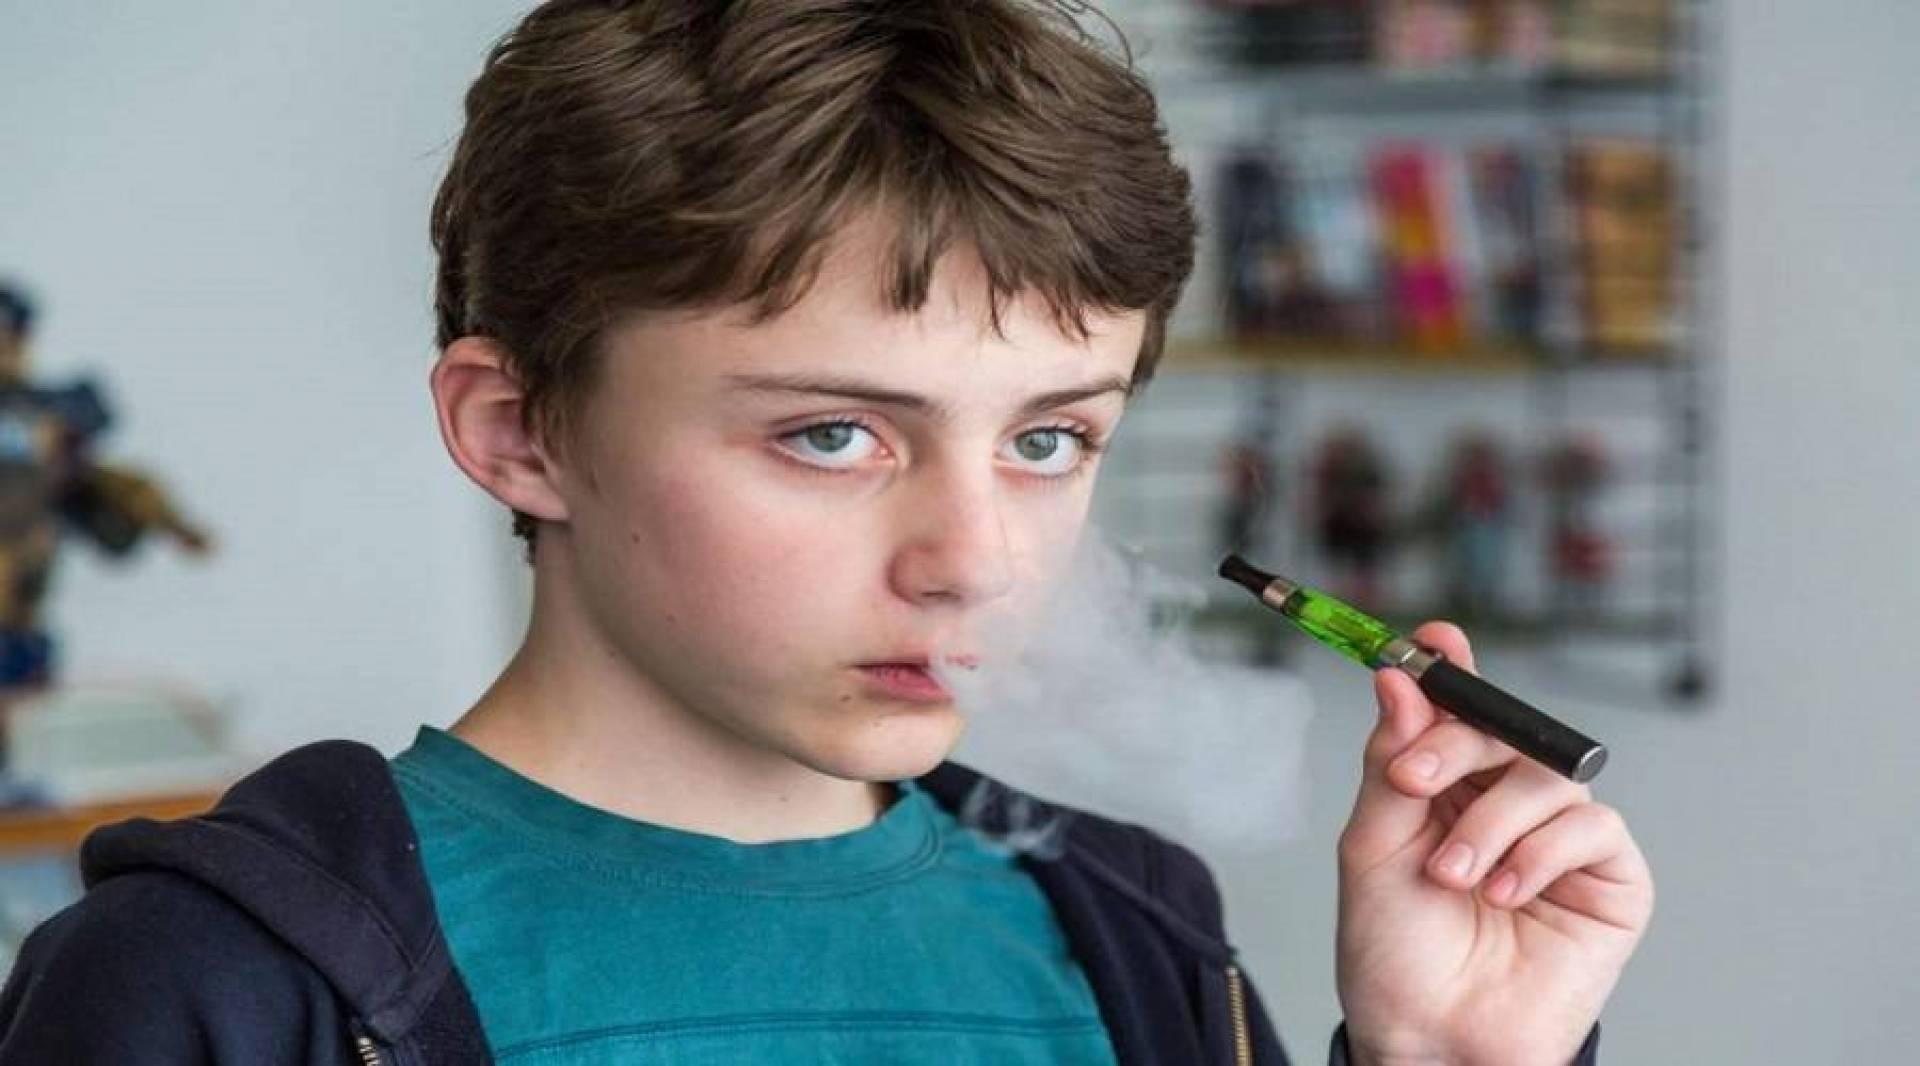 نيوزيلندا تحظر إعلانات السجائر الإلكترونية وبيعها للقُصر